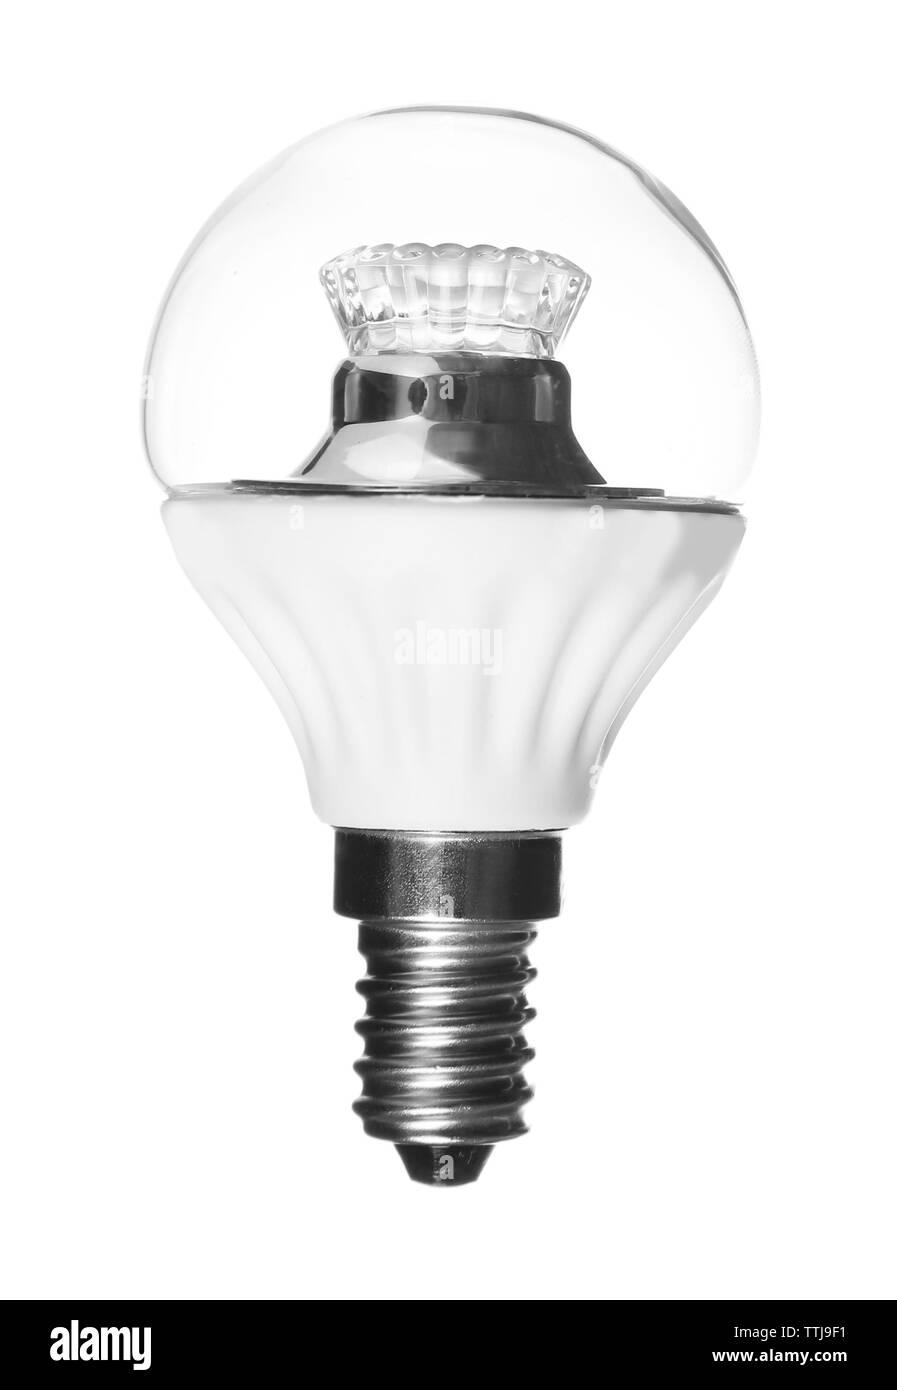 Led light bulb on white background - Stock Image